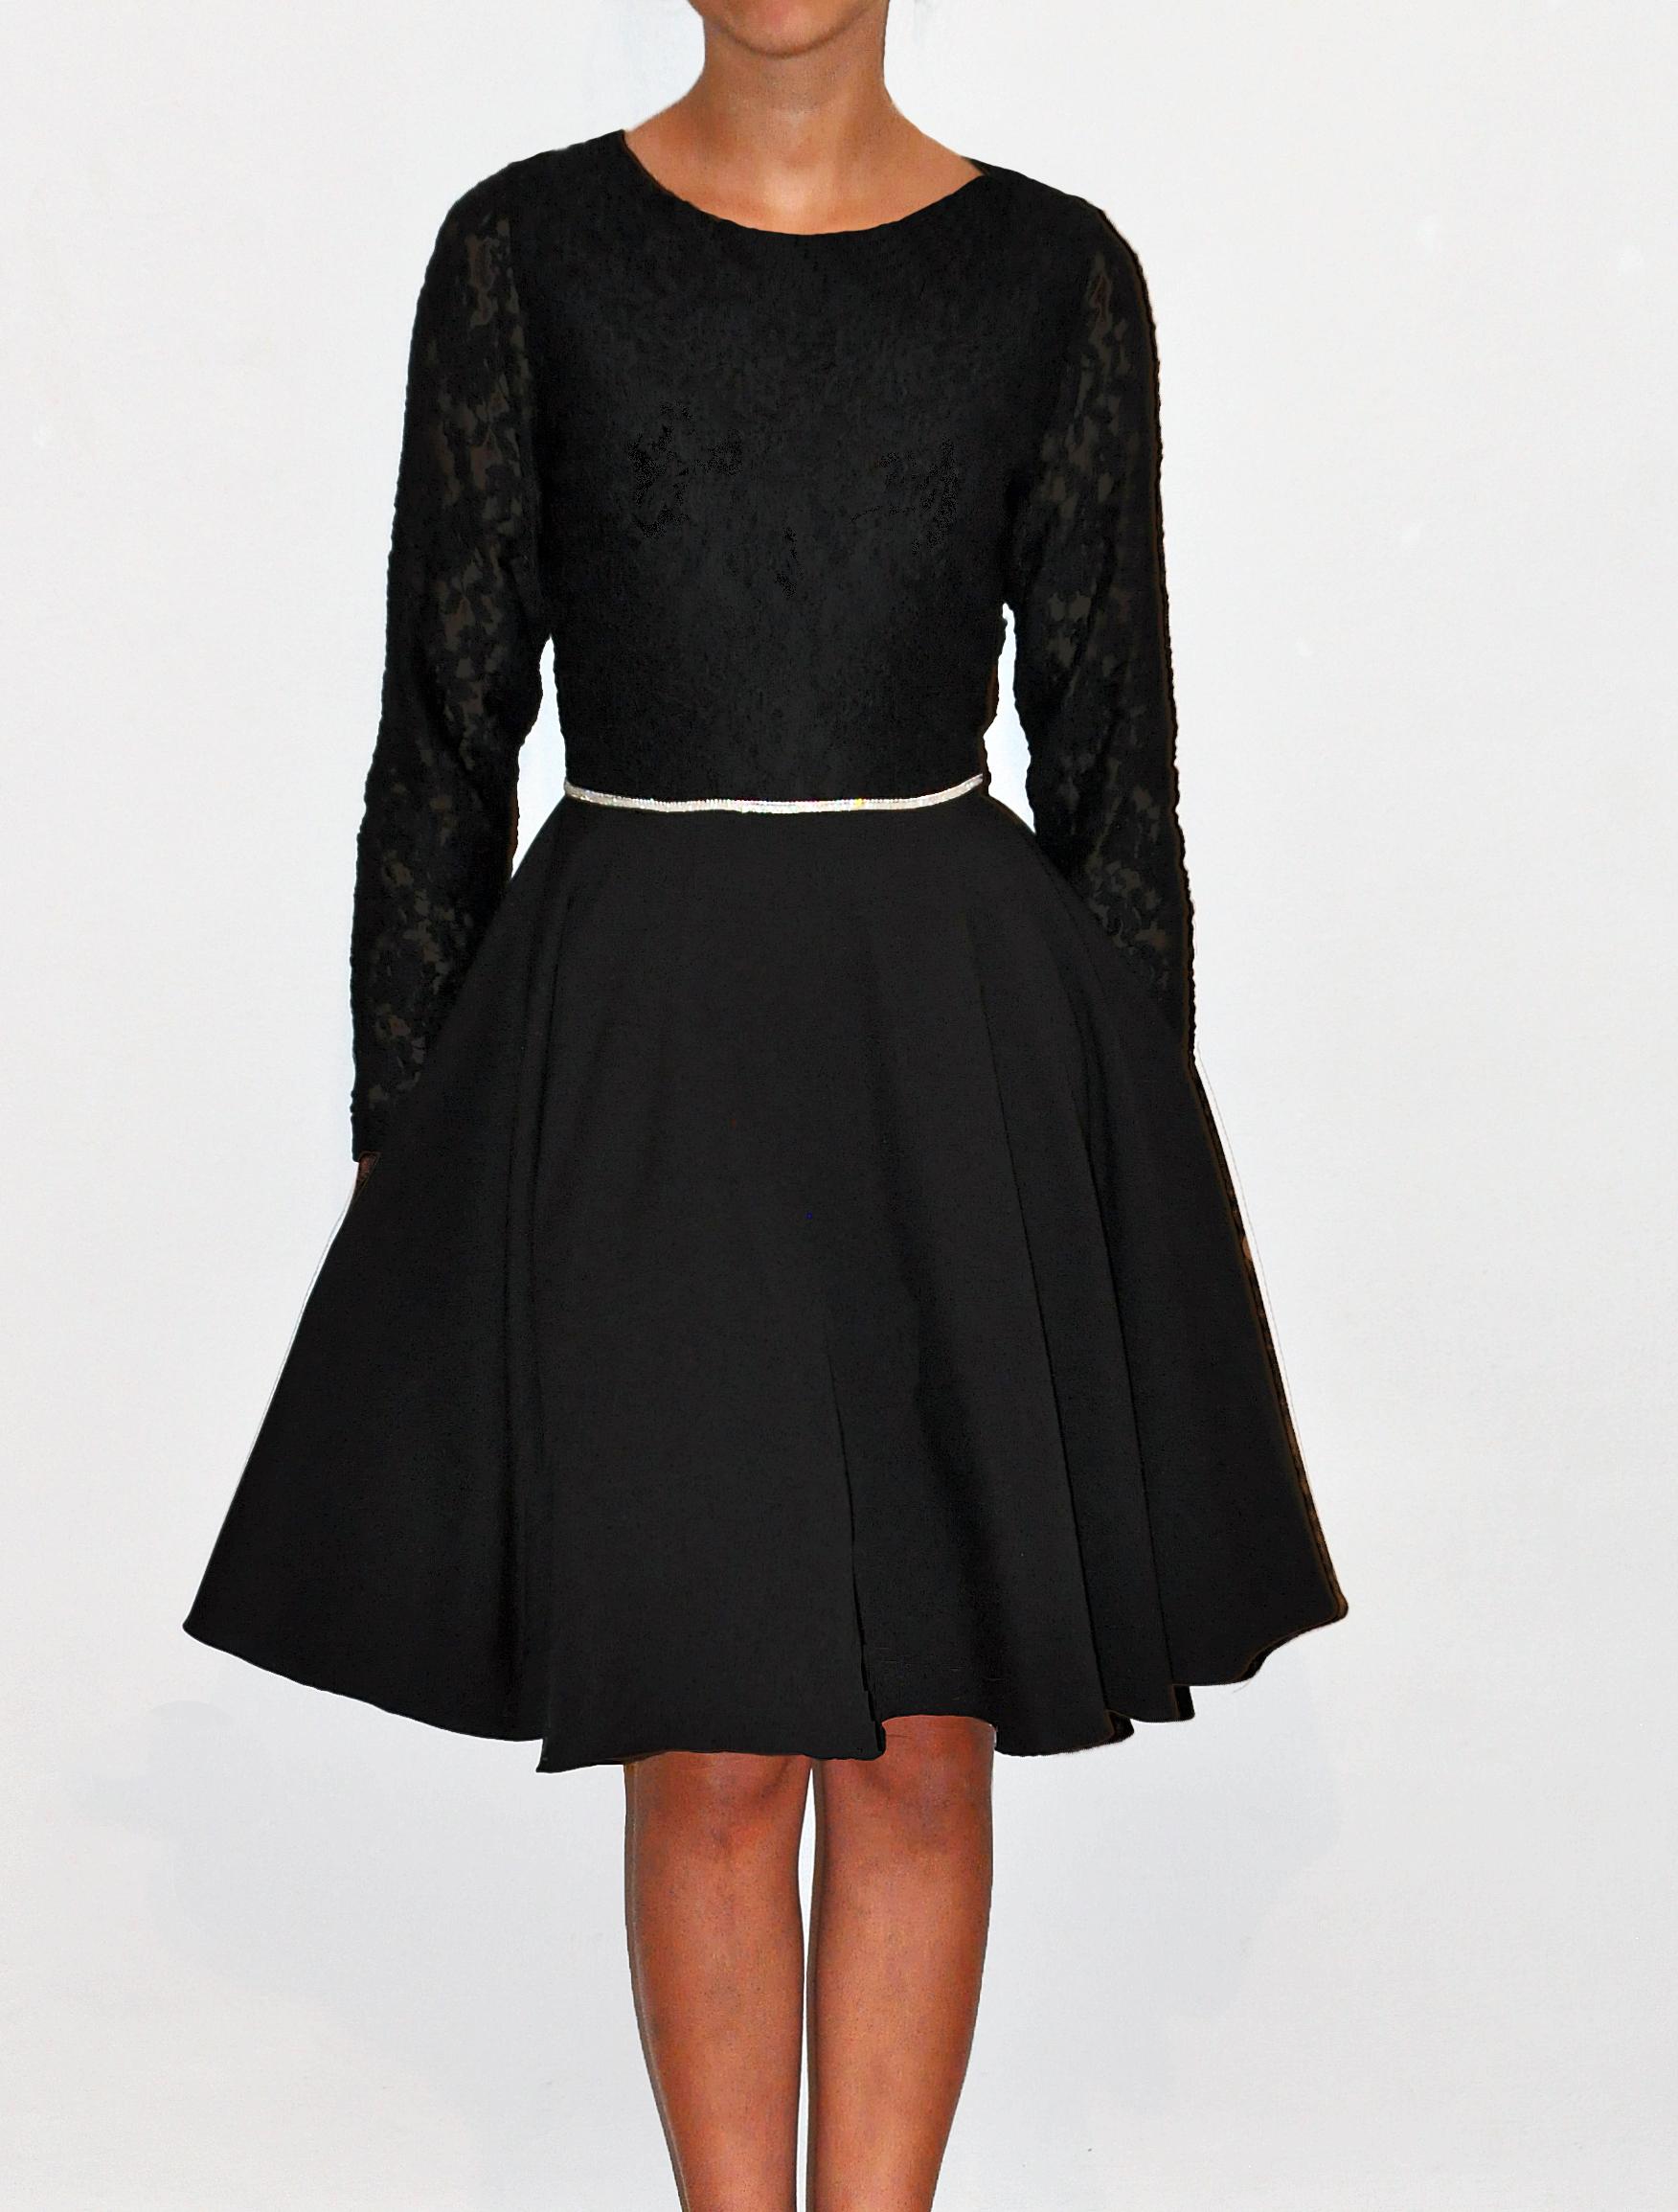 sukienka młodzieżowa czarna na bierzmowanie